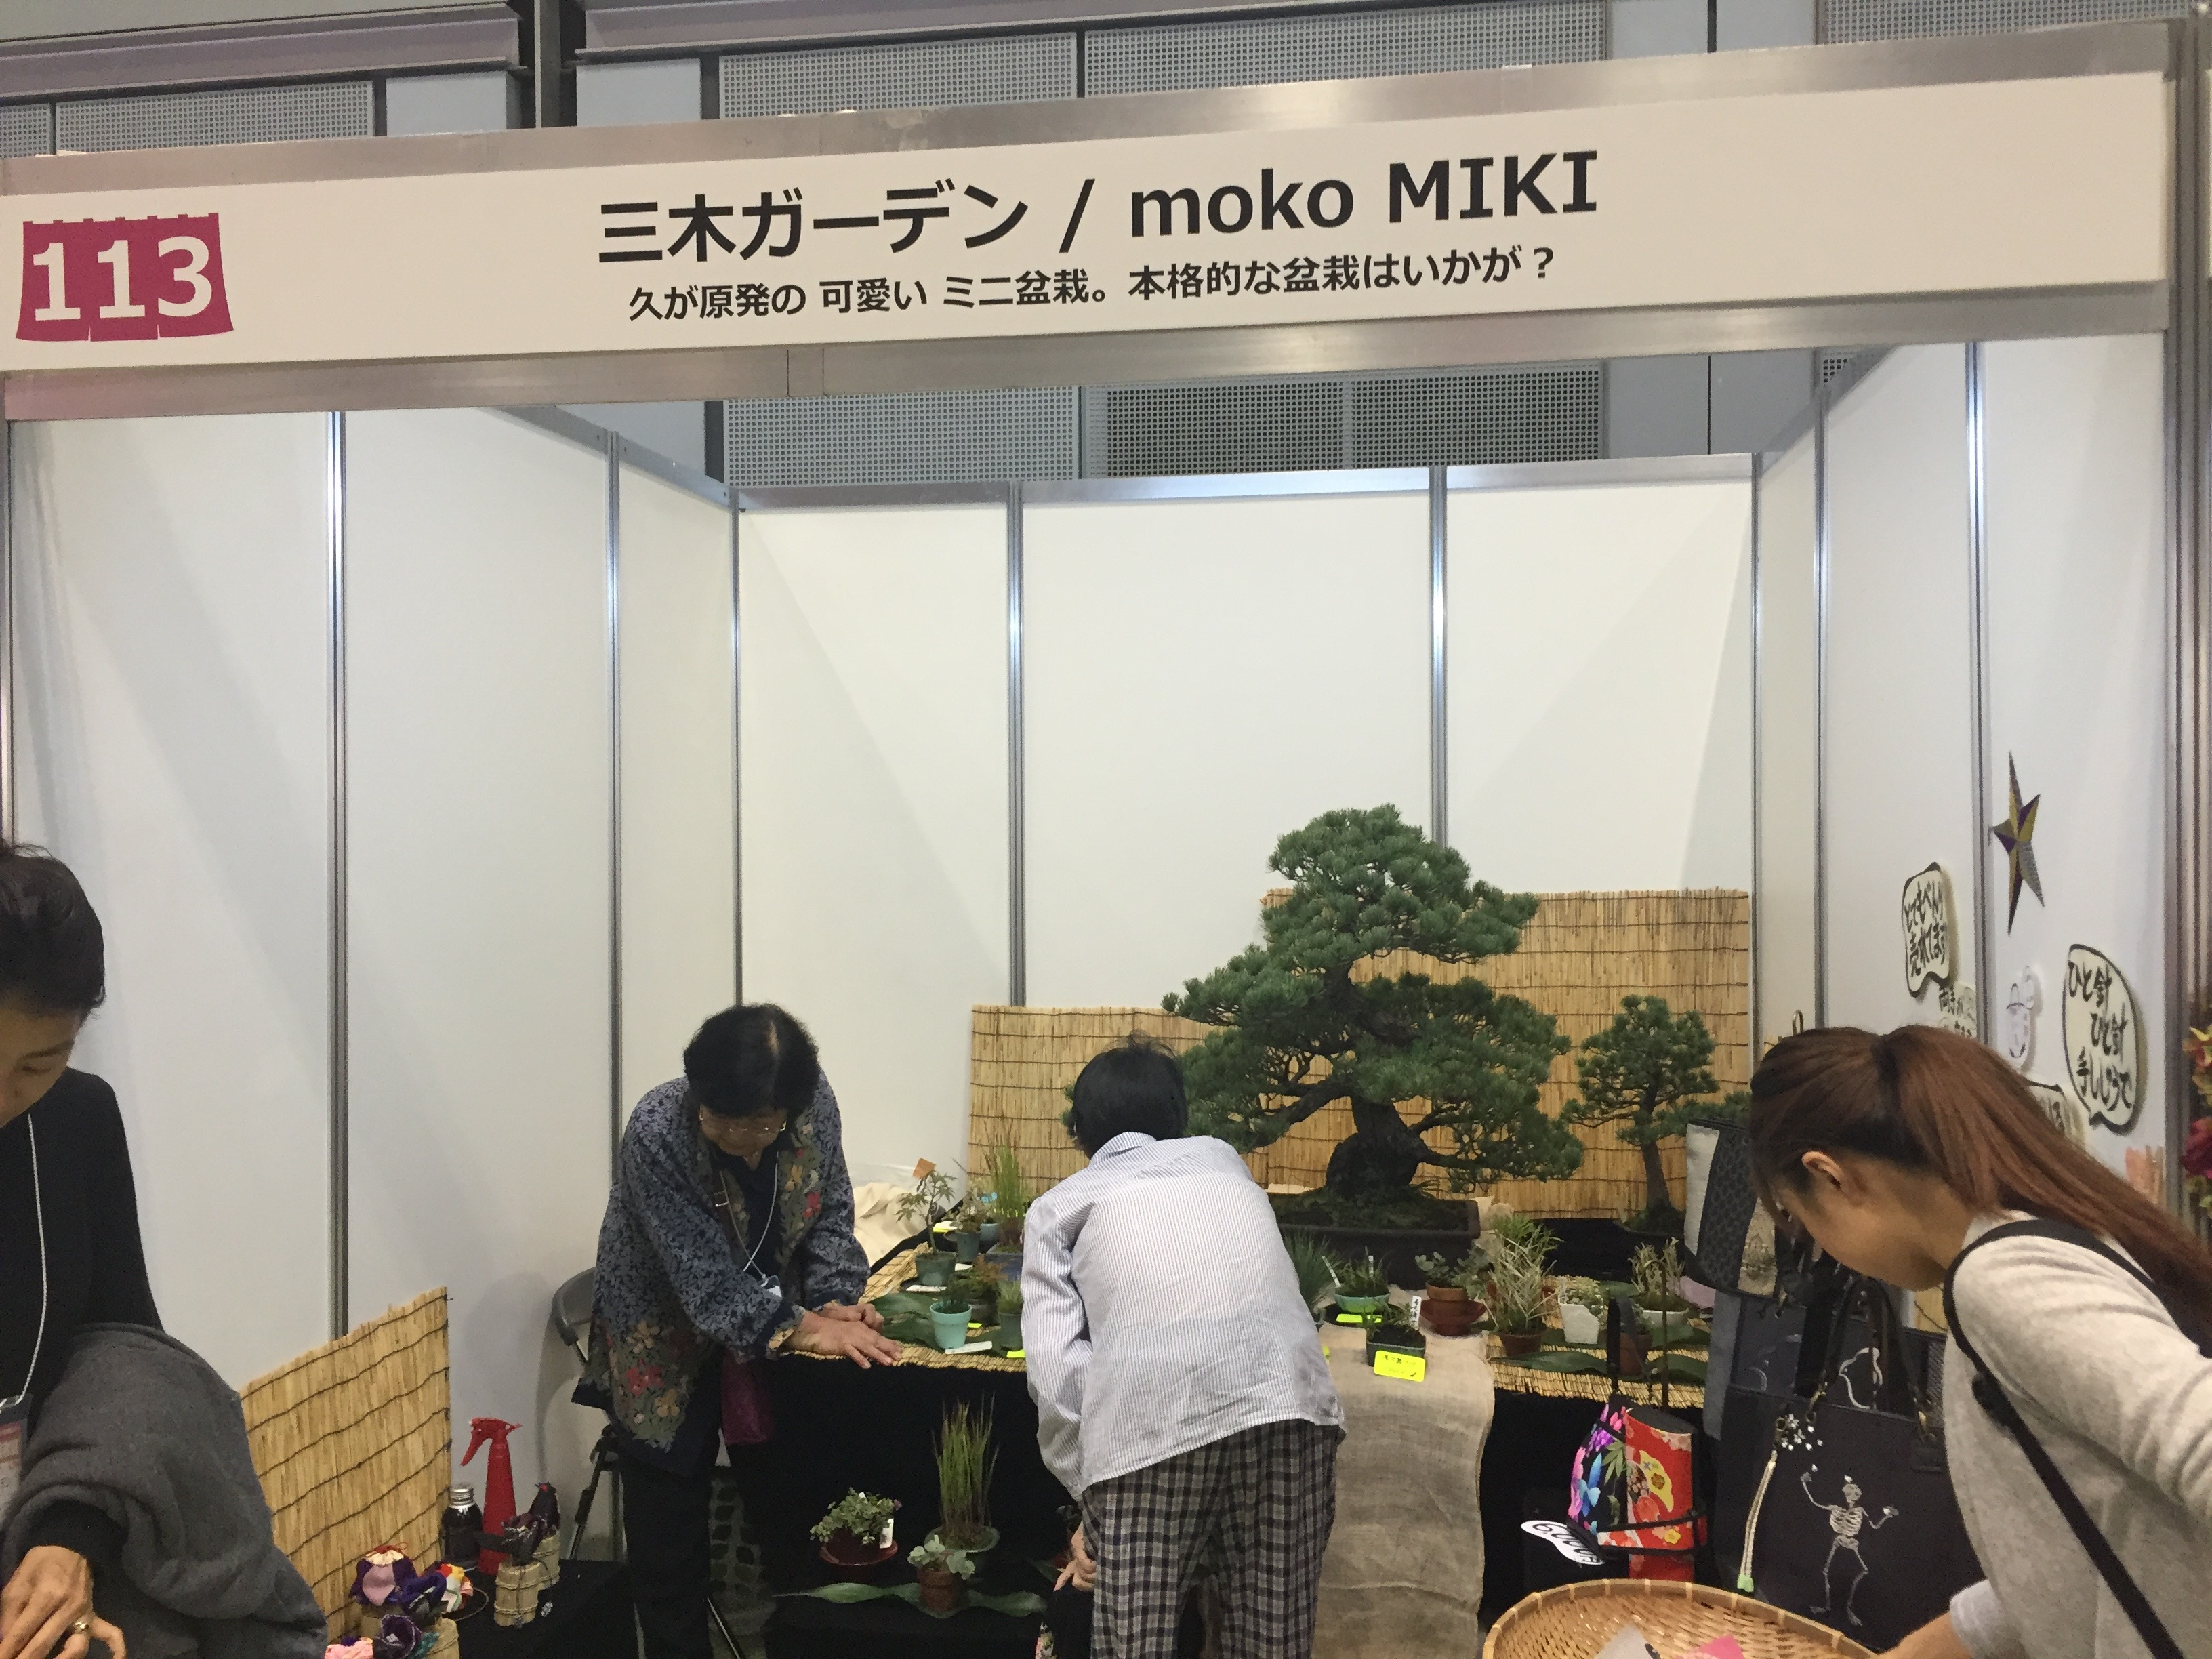 moko MIKI